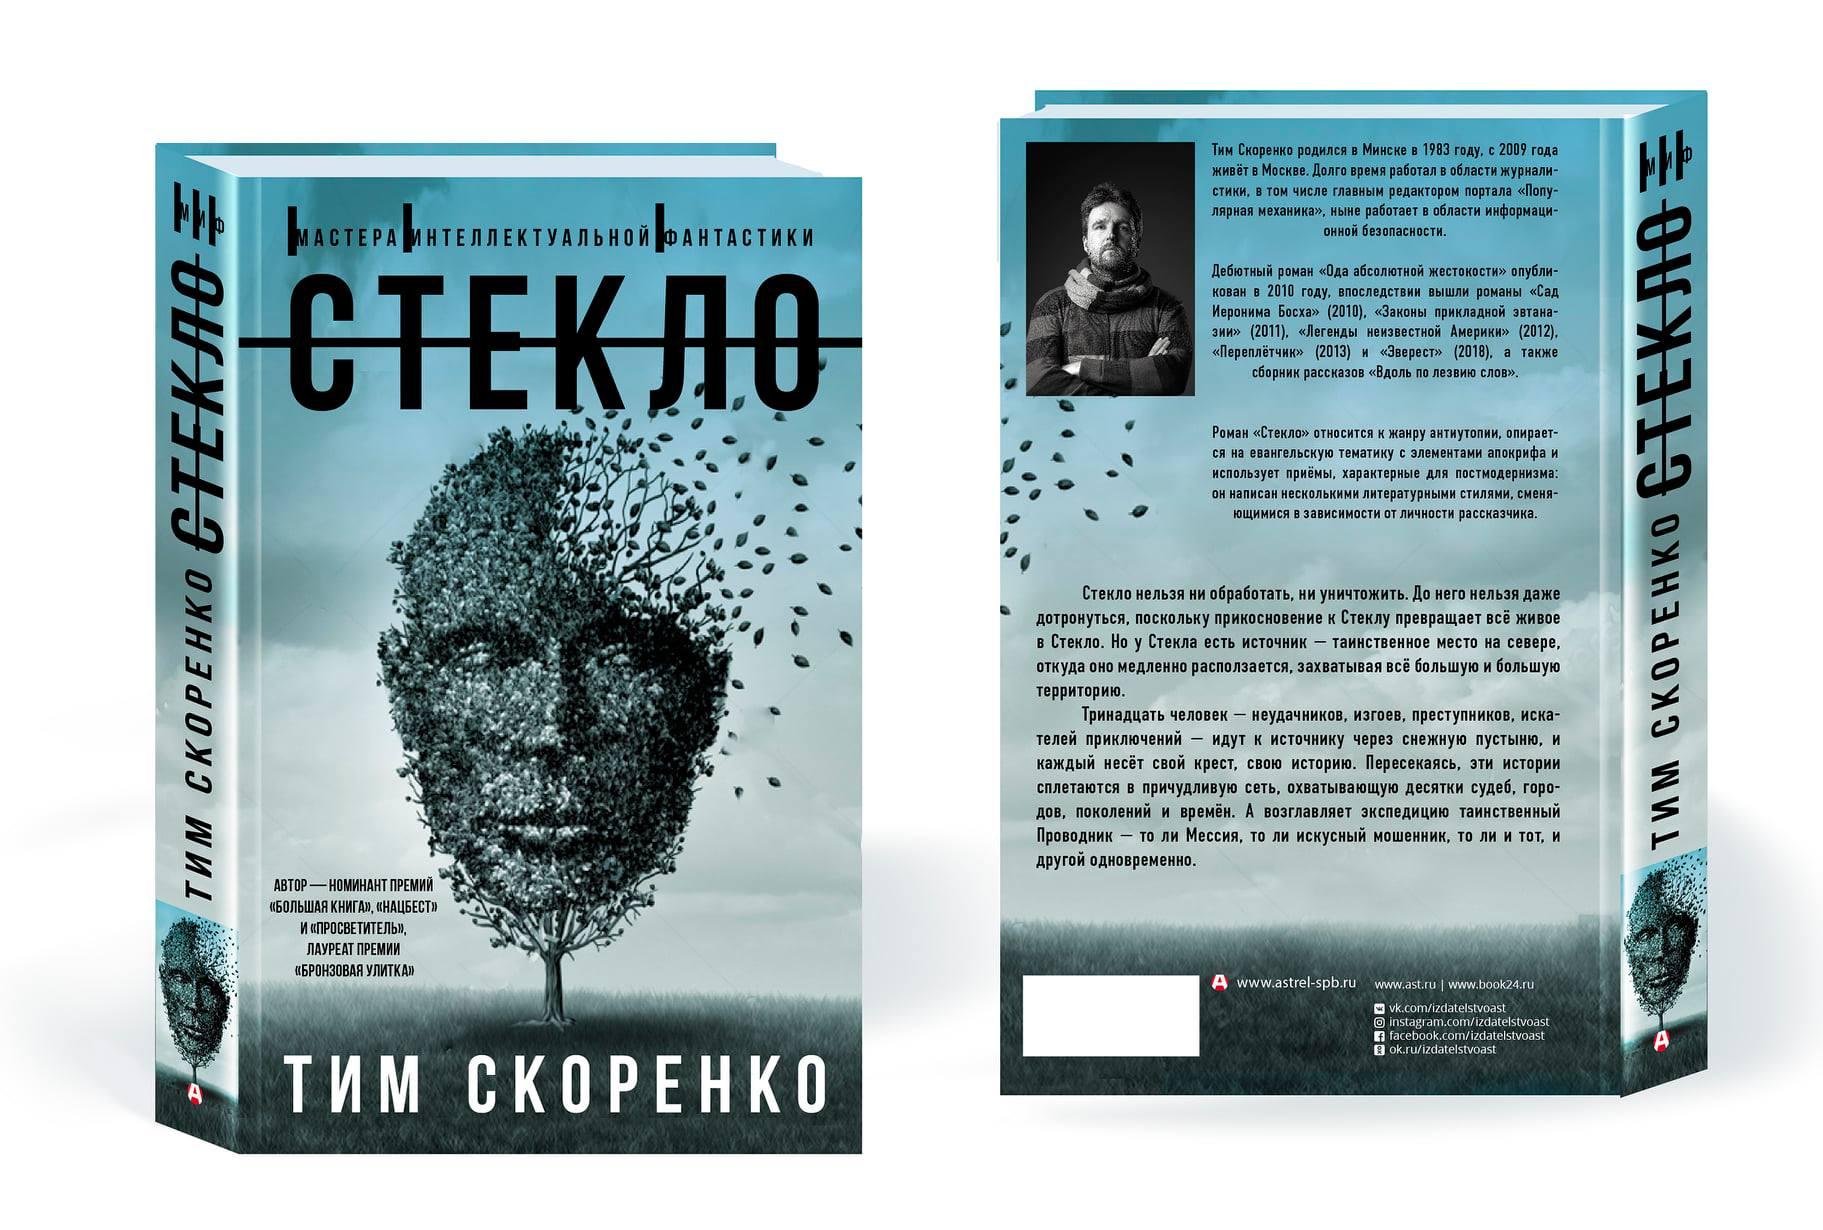 oblozhka_steklo_2